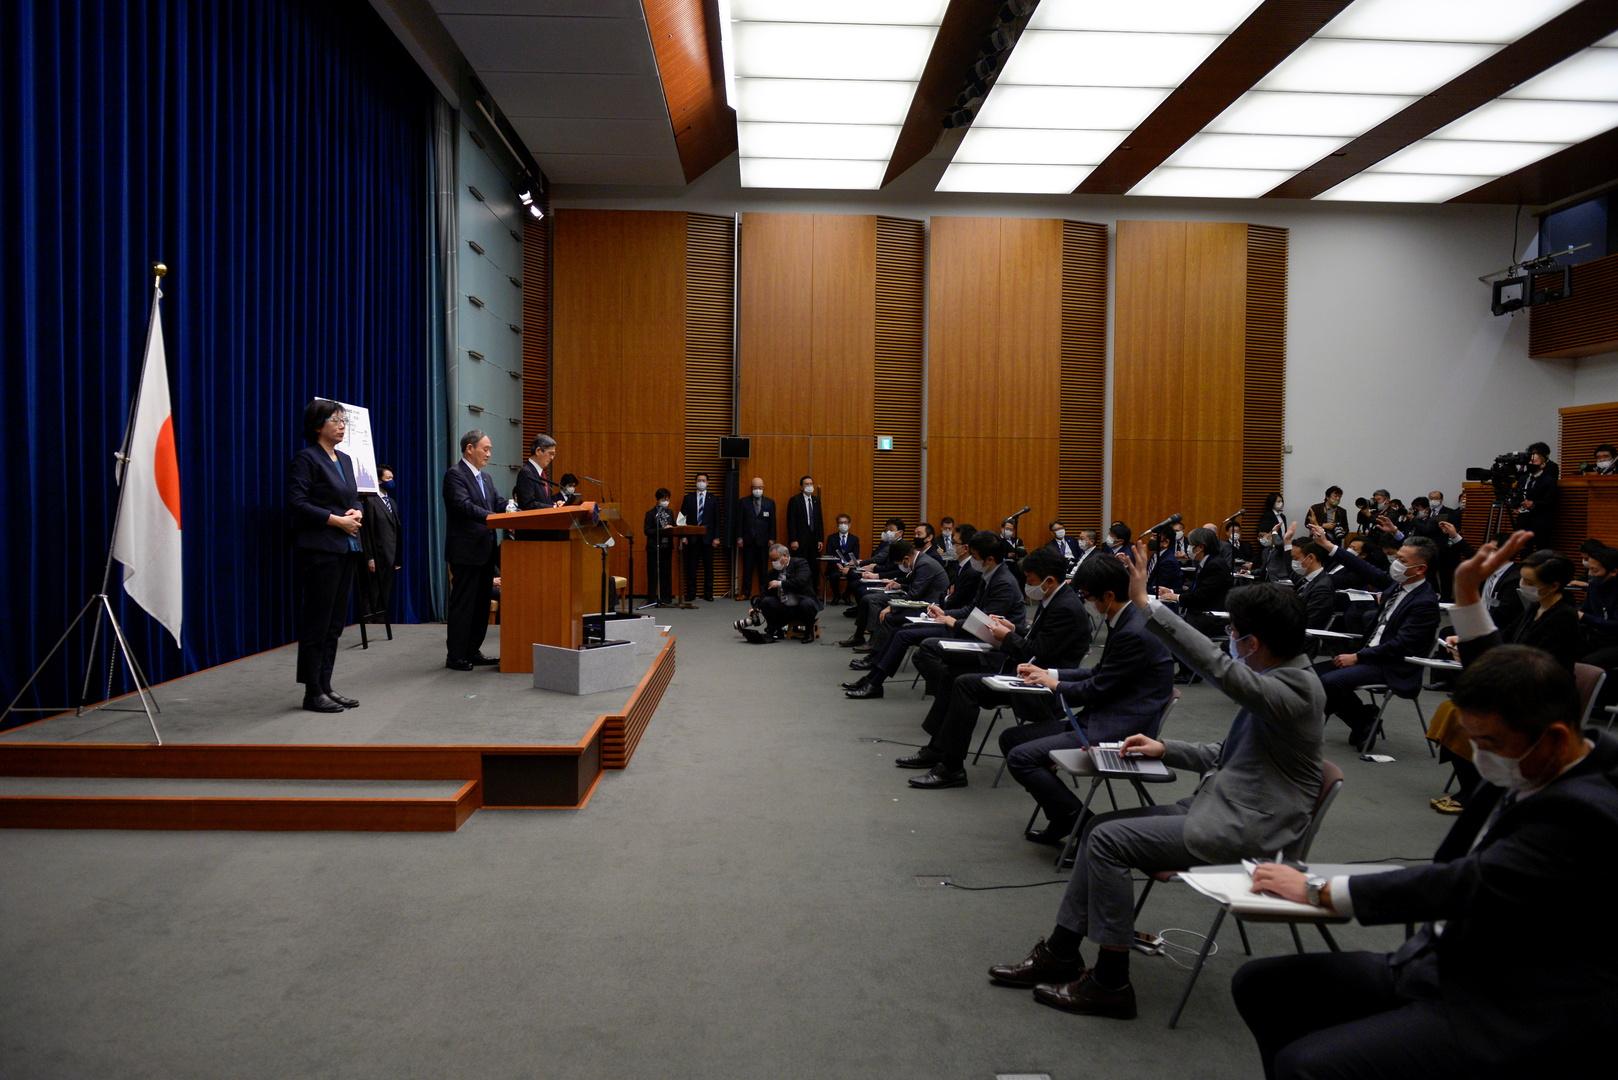 لجنة يابانية توافق على تمديد حالة الطوارئ في طوكيو وثلاث مدن لمدة أسبوعين لمواجهة كورونا